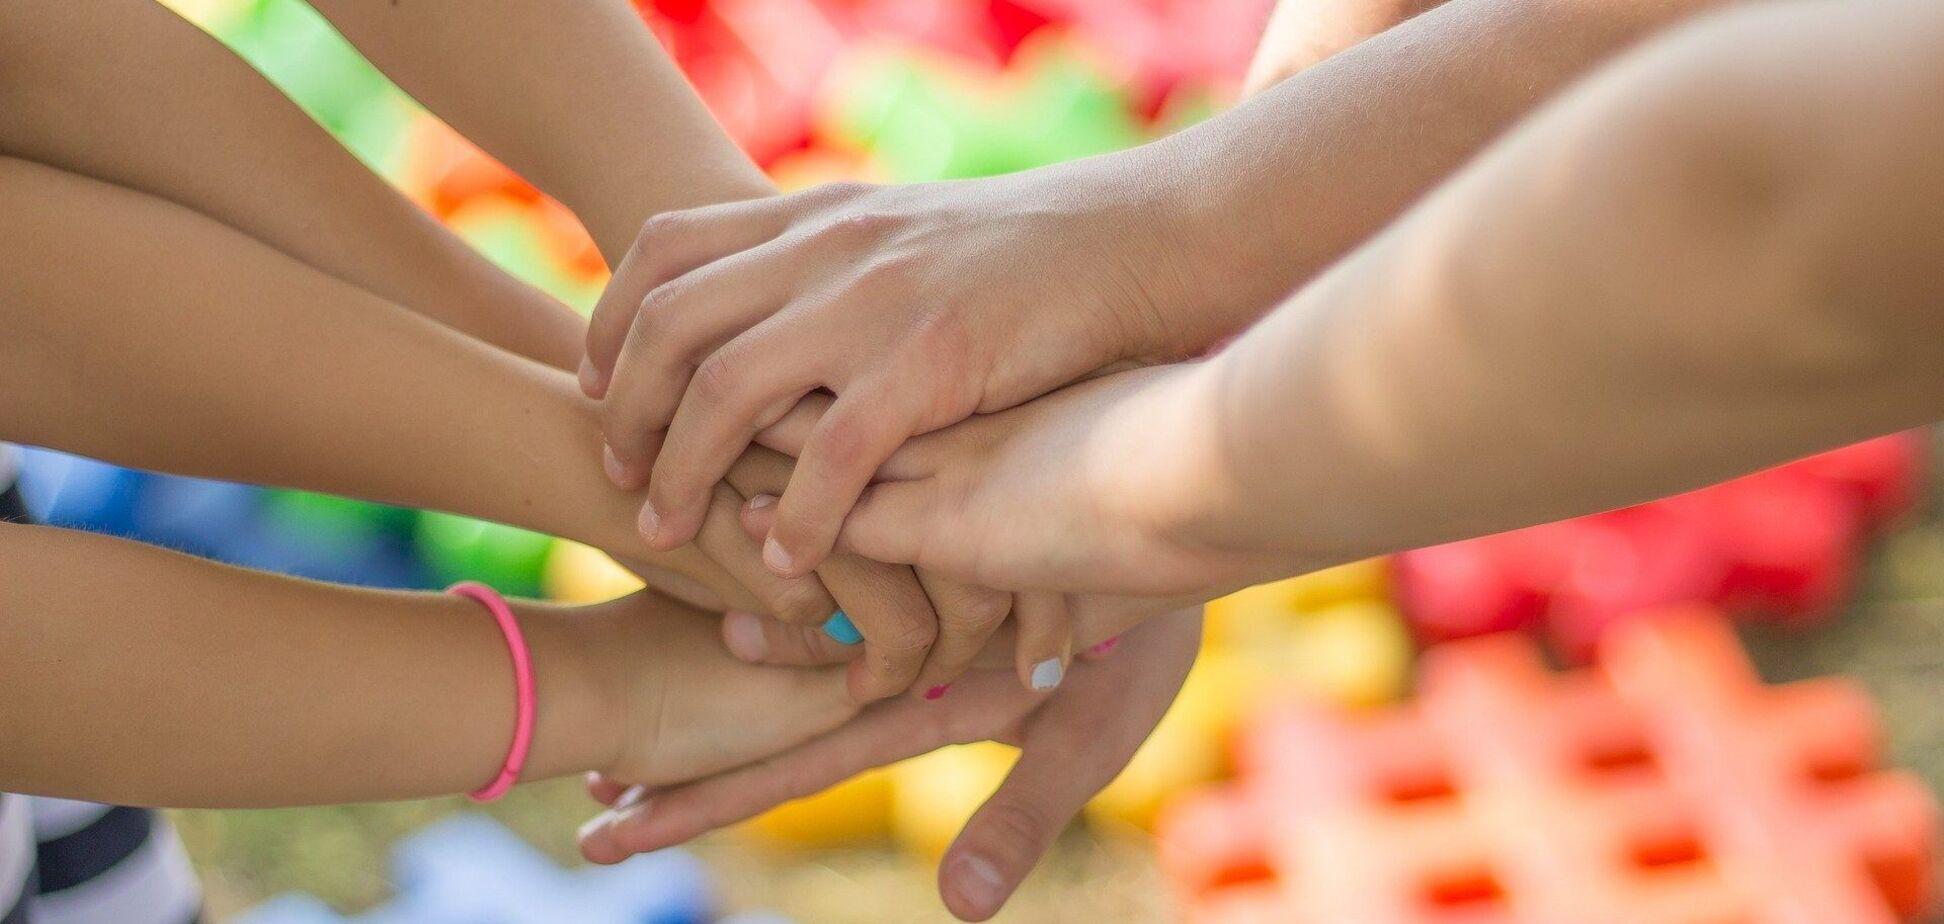 Украине нужно побольше детских домов семейного типа, убеждена Инна Силантьева